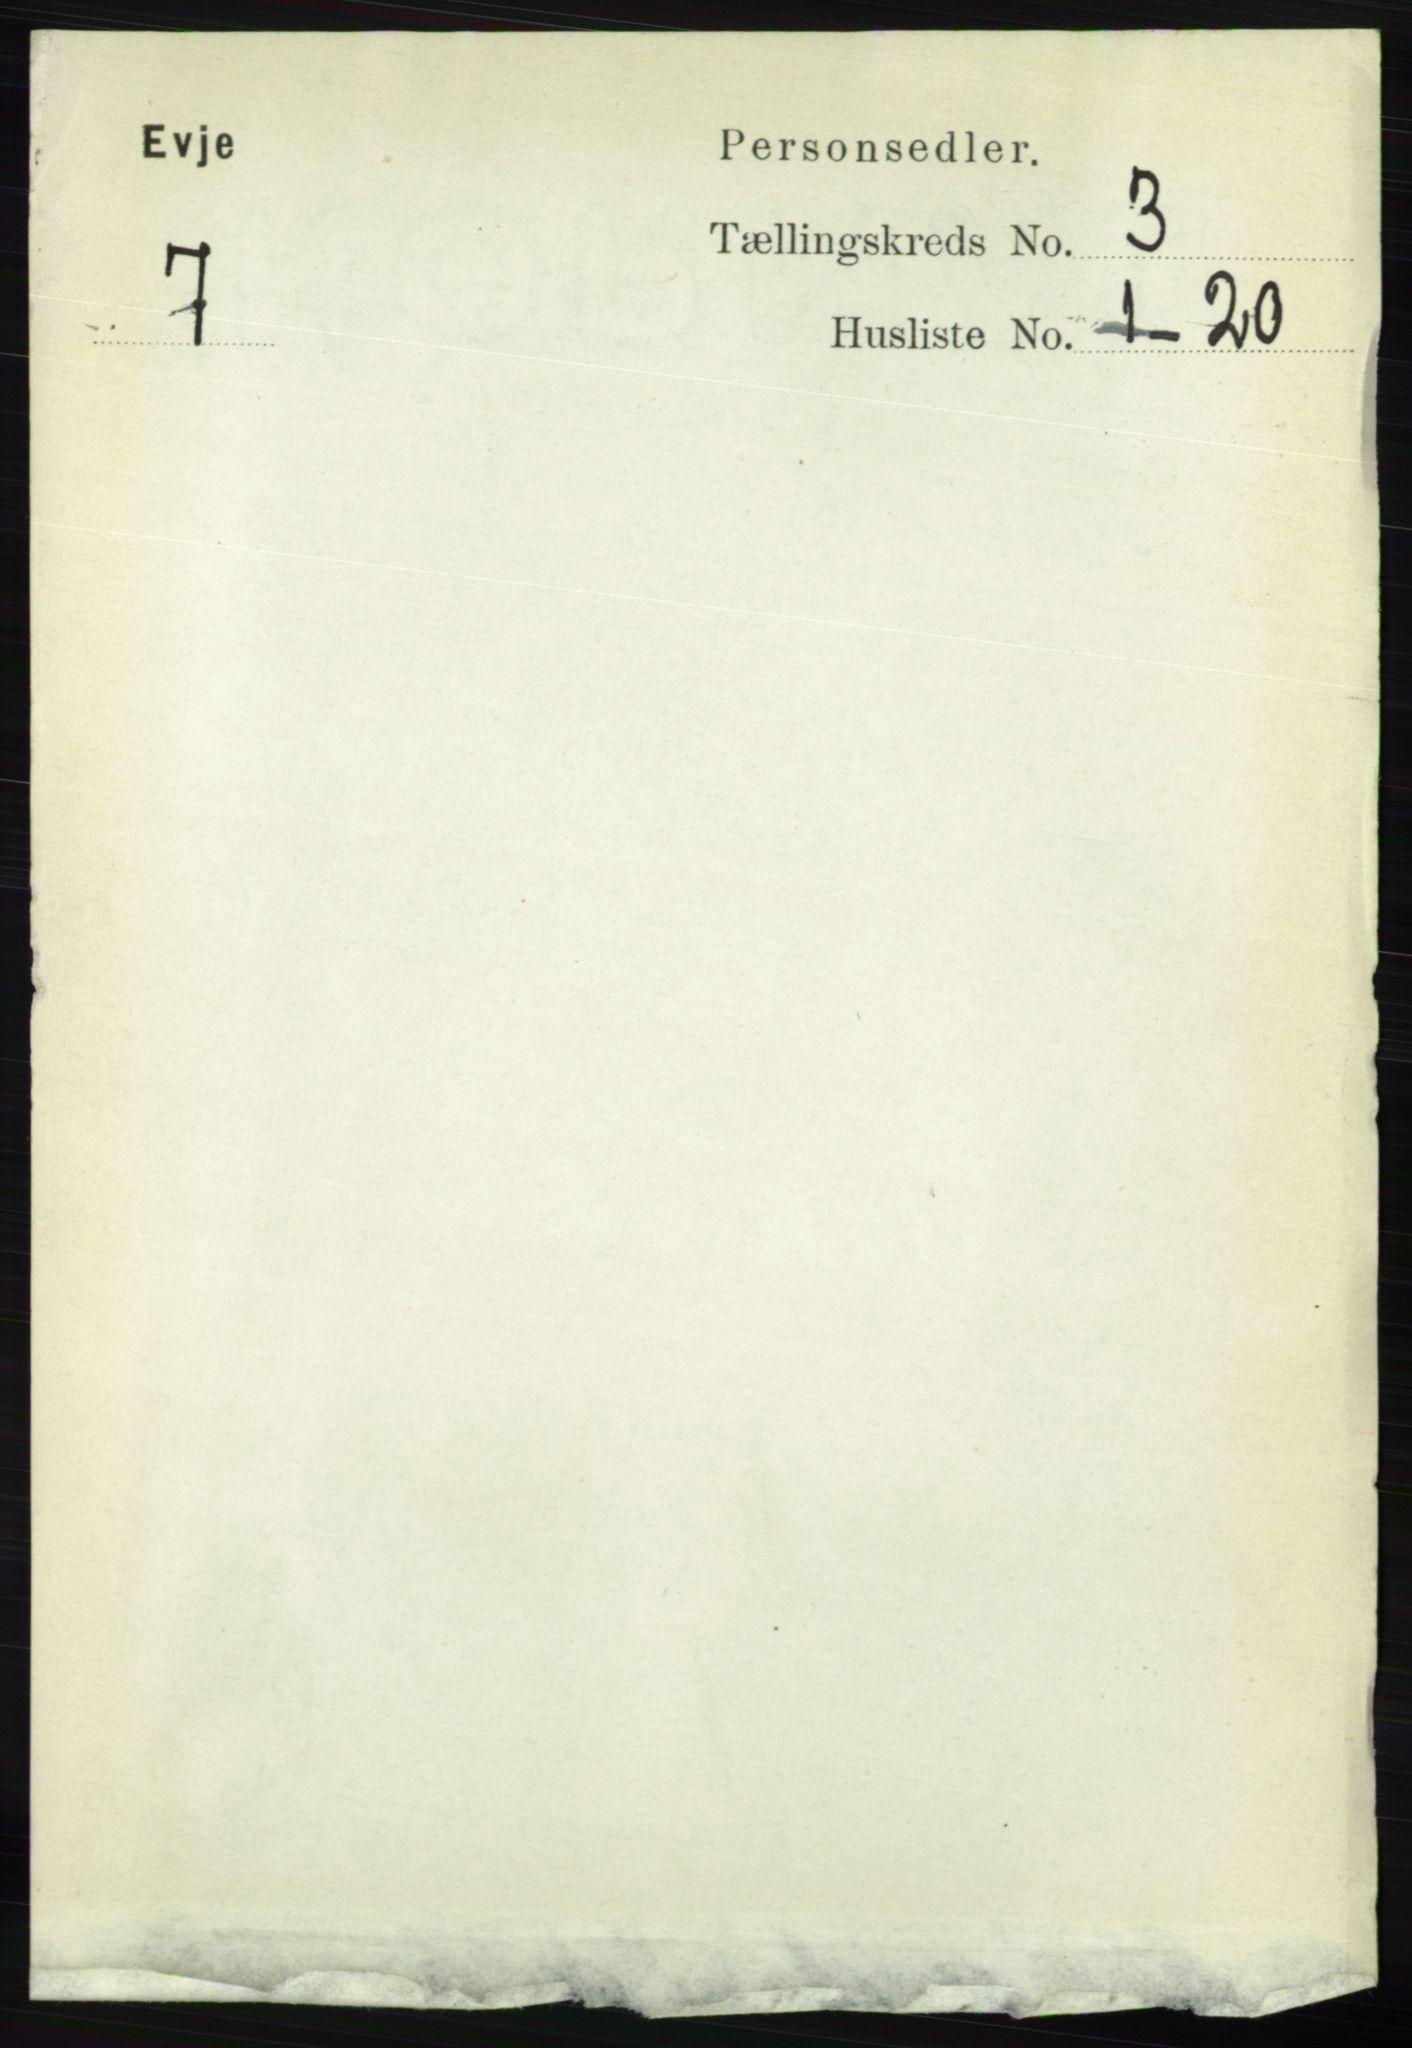 RA, Folketelling 1891 for 0937 Evje herred, 1891, s. 655